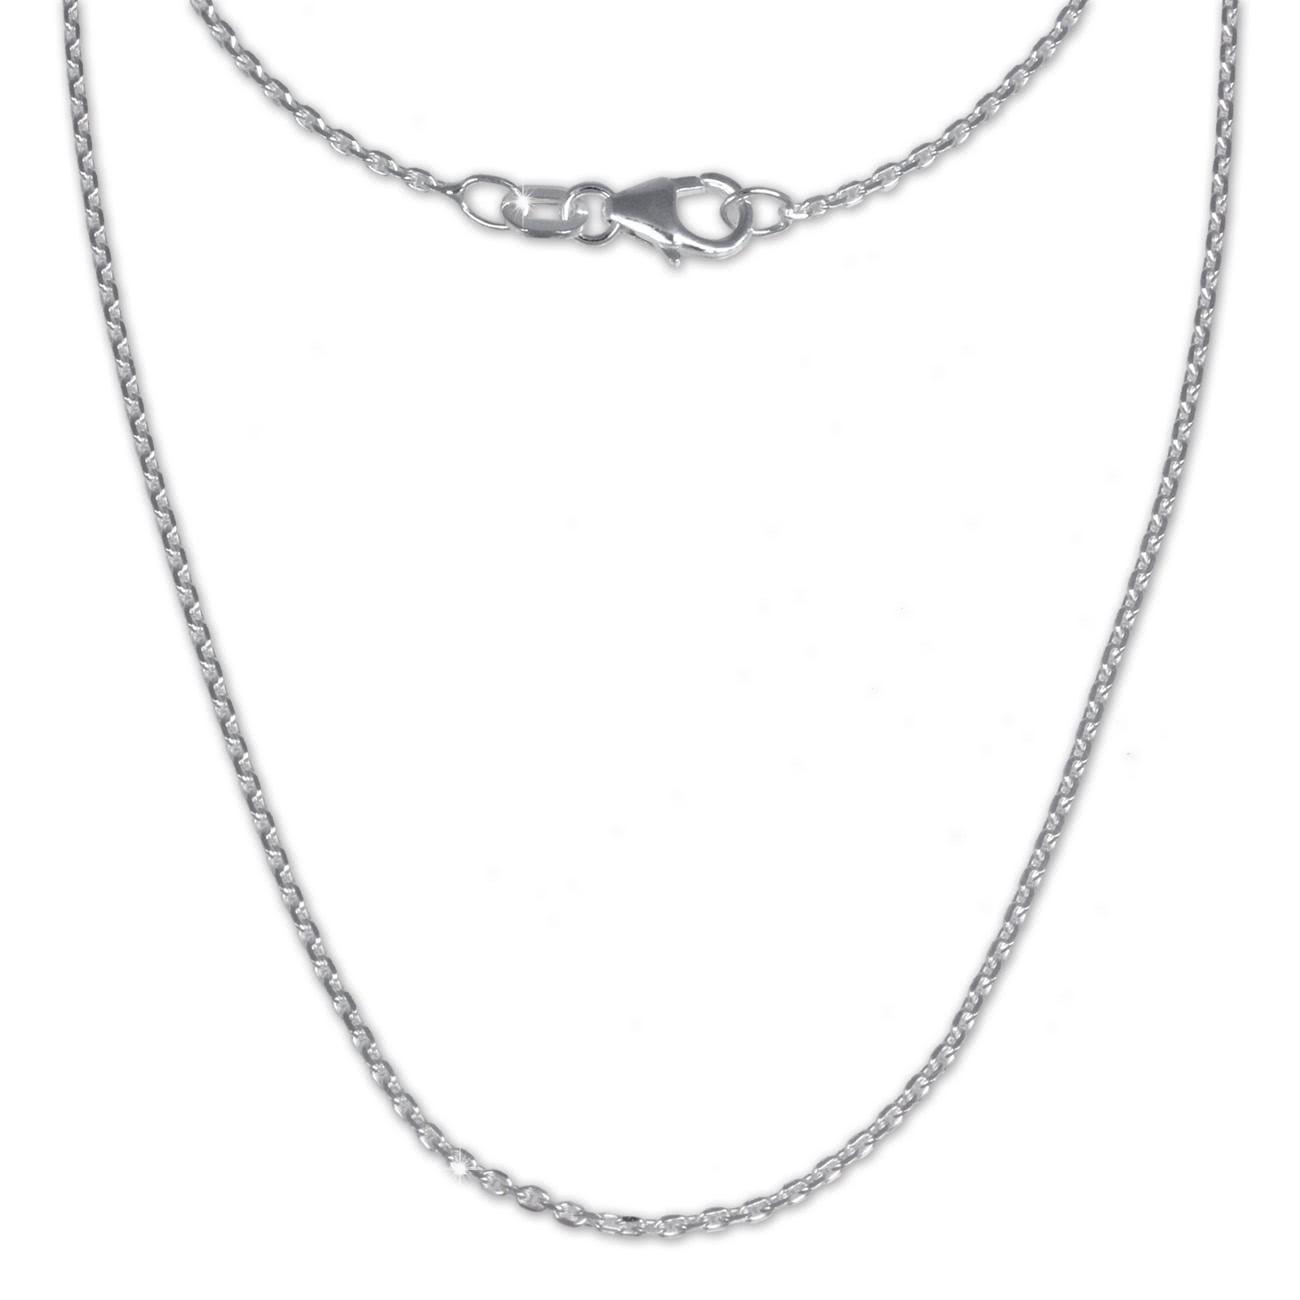 SilberDream Ankerkette fein 925er Silber Halskette 80cm Kette SDK21180